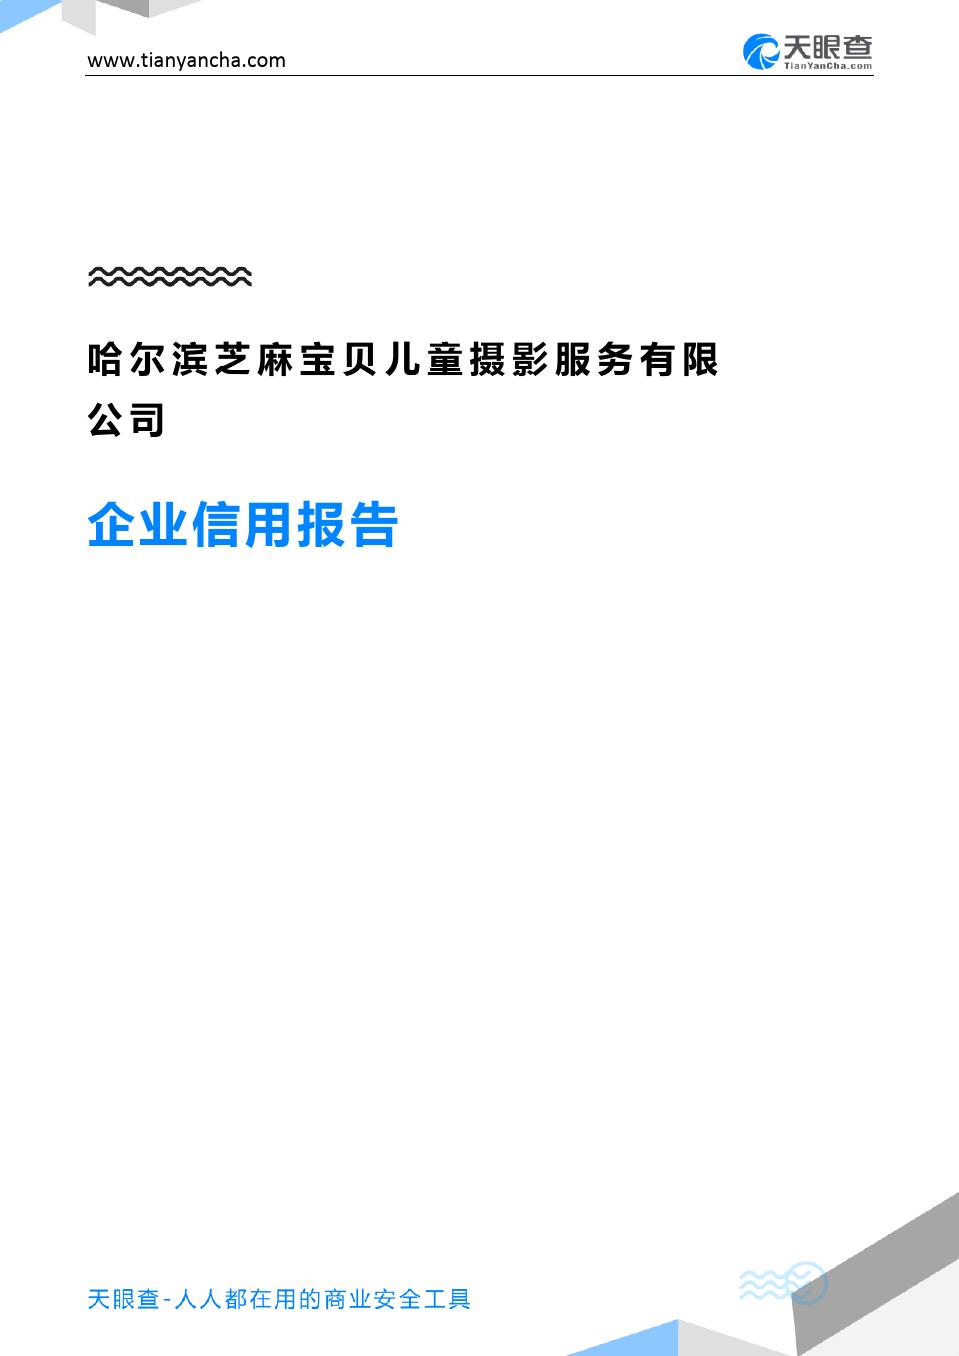 哈尔滨芝麻宝贝儿童摄影服务有限公司(企业信用报告)- 天眼查